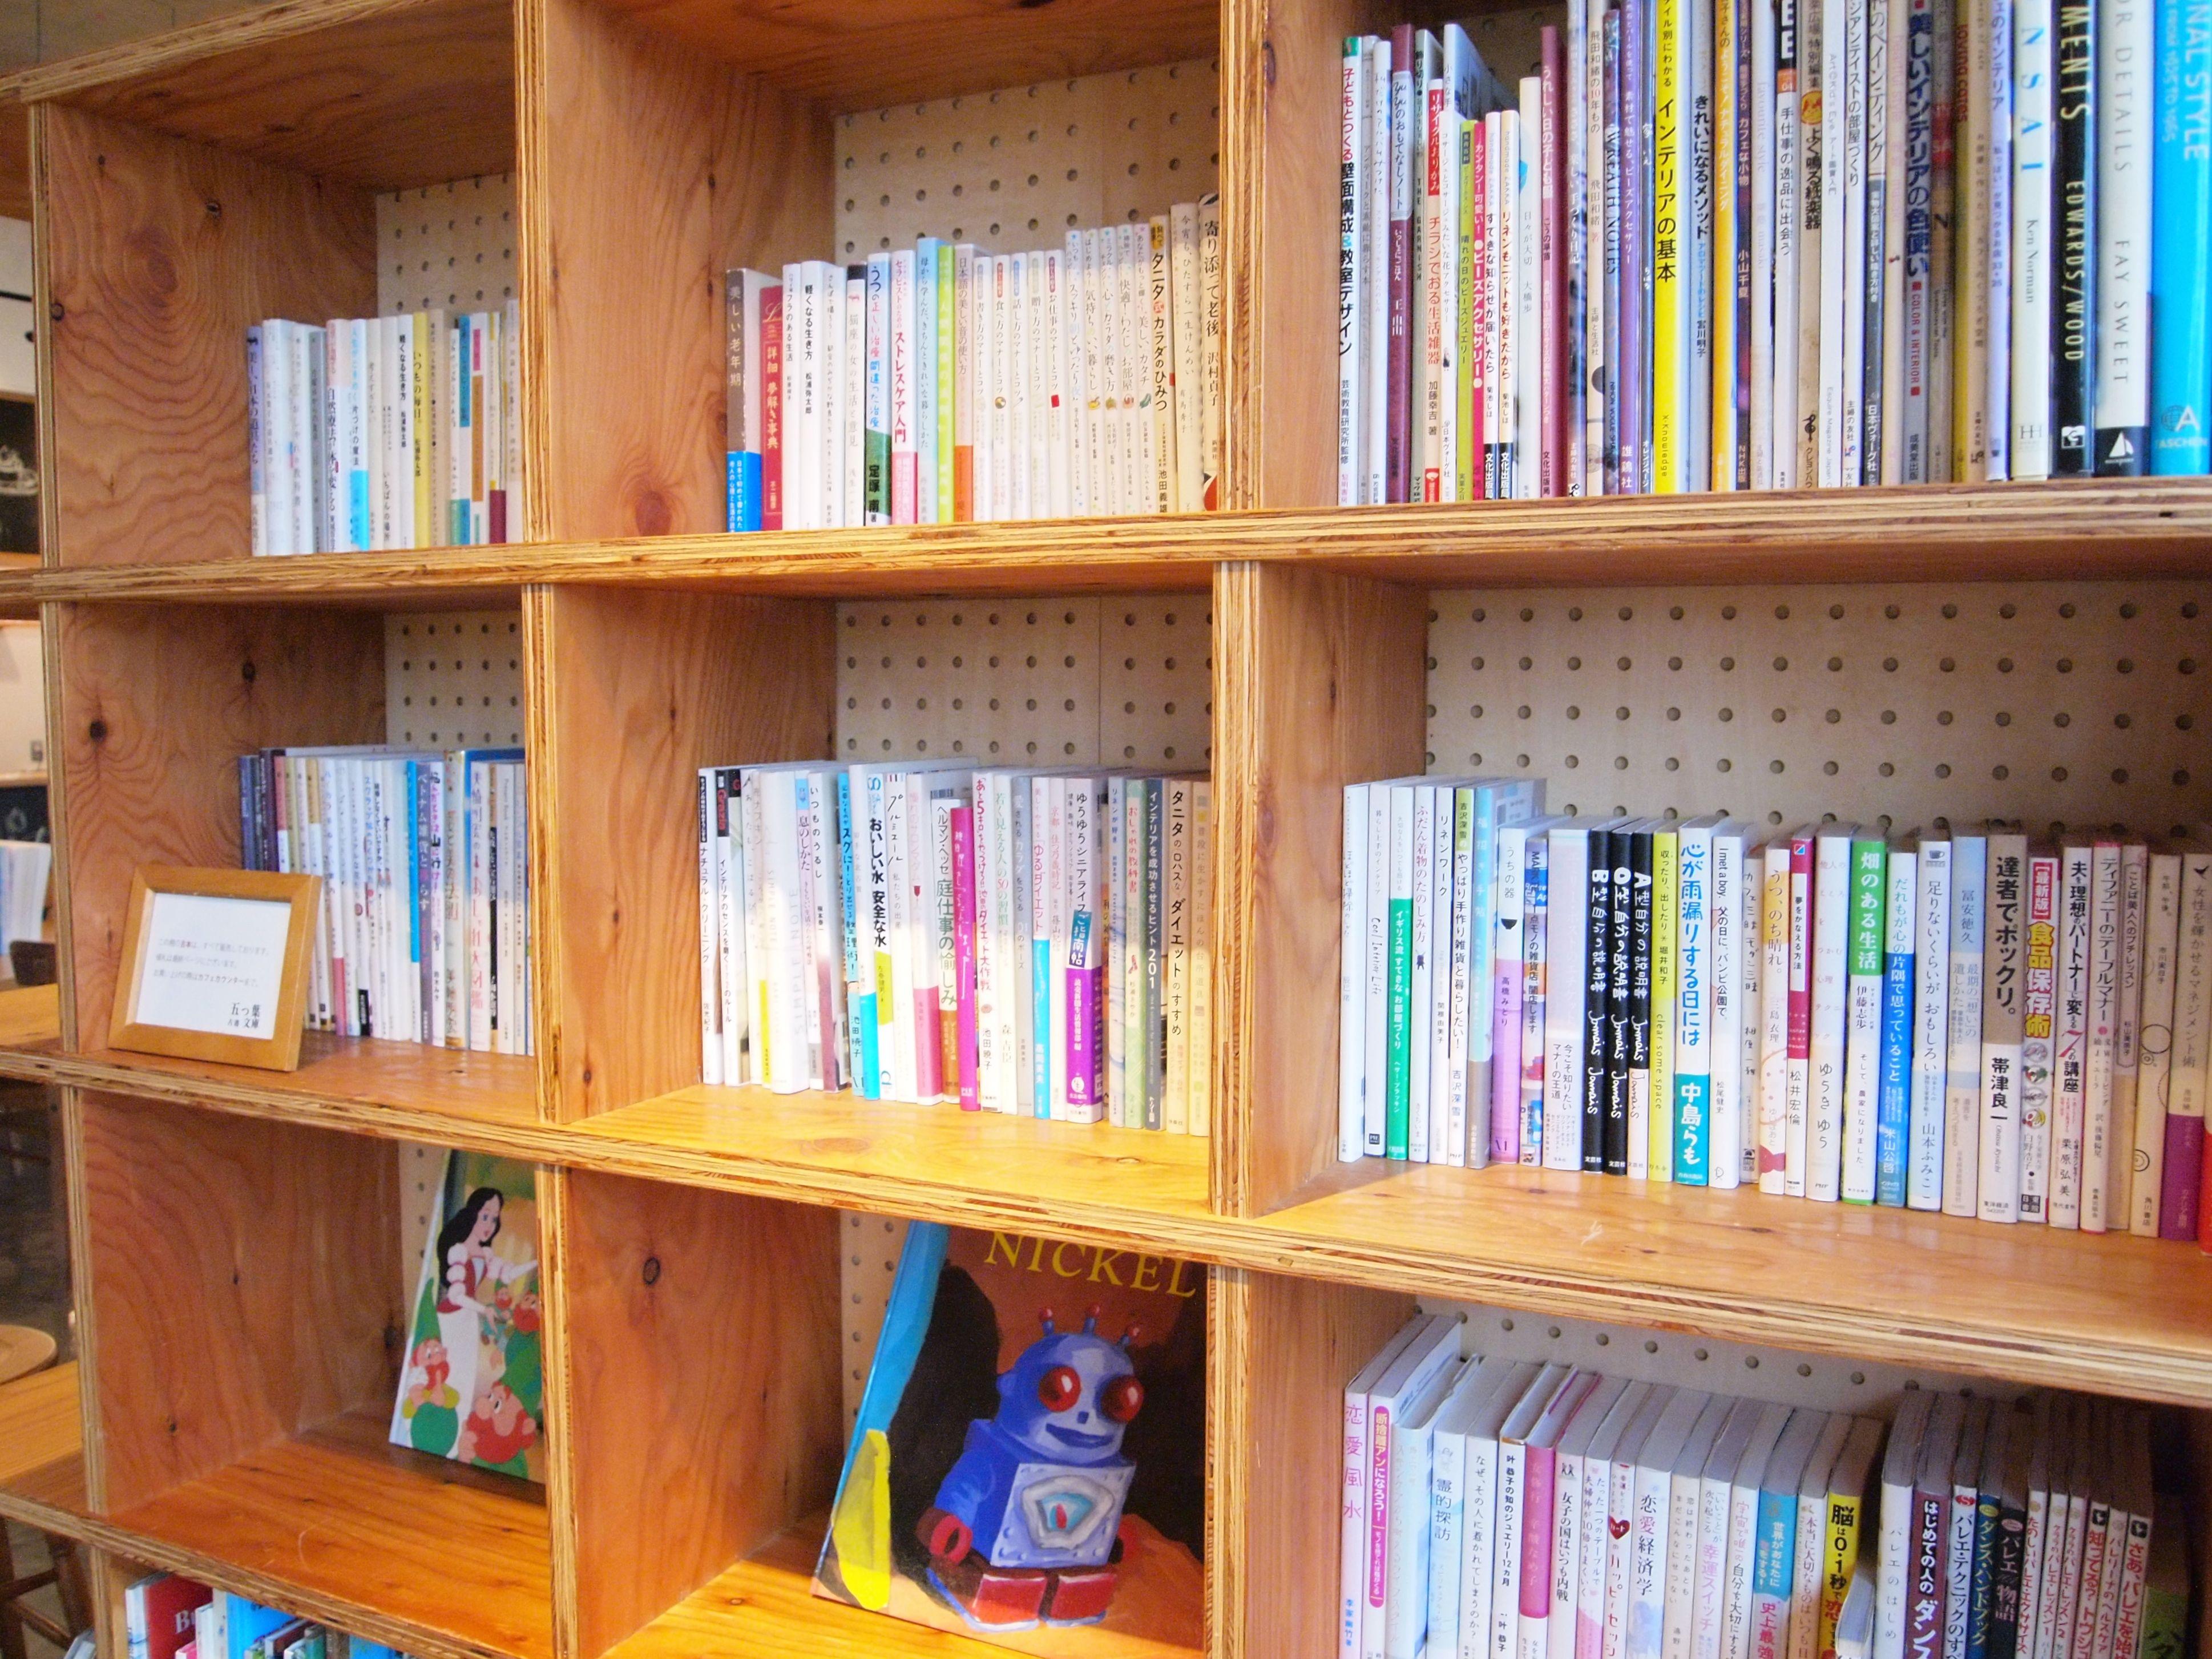 普段なかなか手に取らないような外国の本、文庫本の小説などもたくさん。OLYMPUS DIGITAL CAMERA